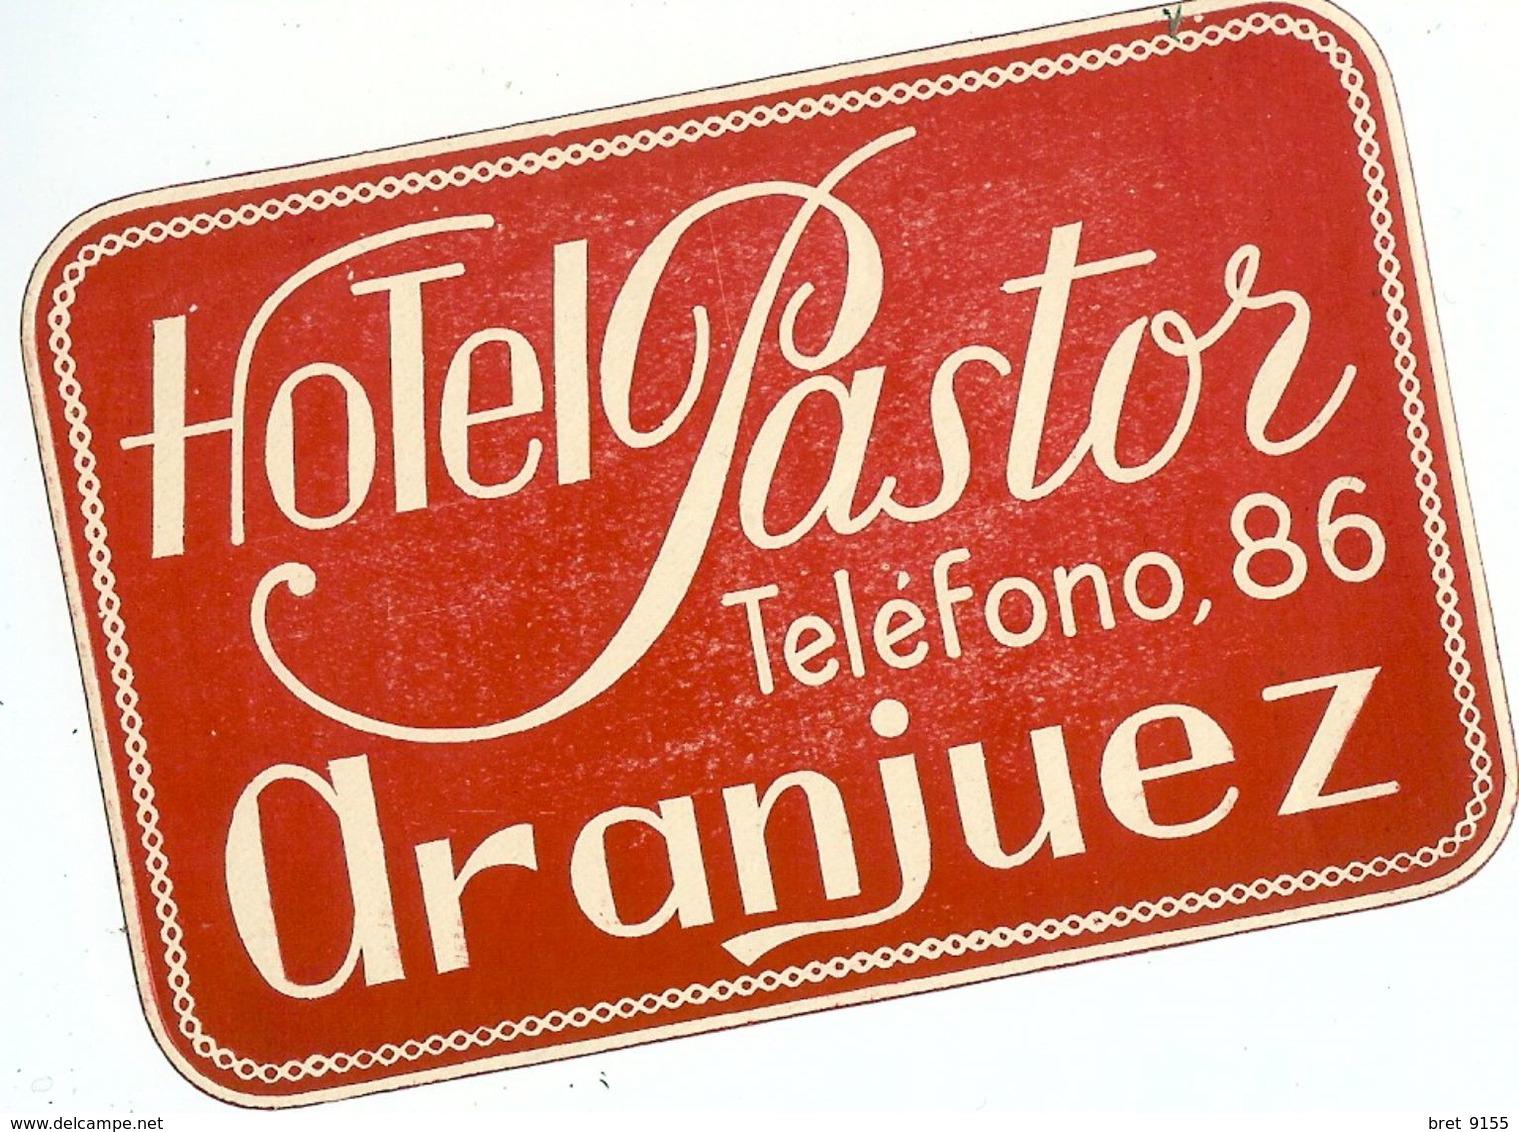 ESPAGNE ARANJUEZ HOTEL PASTOR TELEFONO 86 - Etiketten Van Hotels